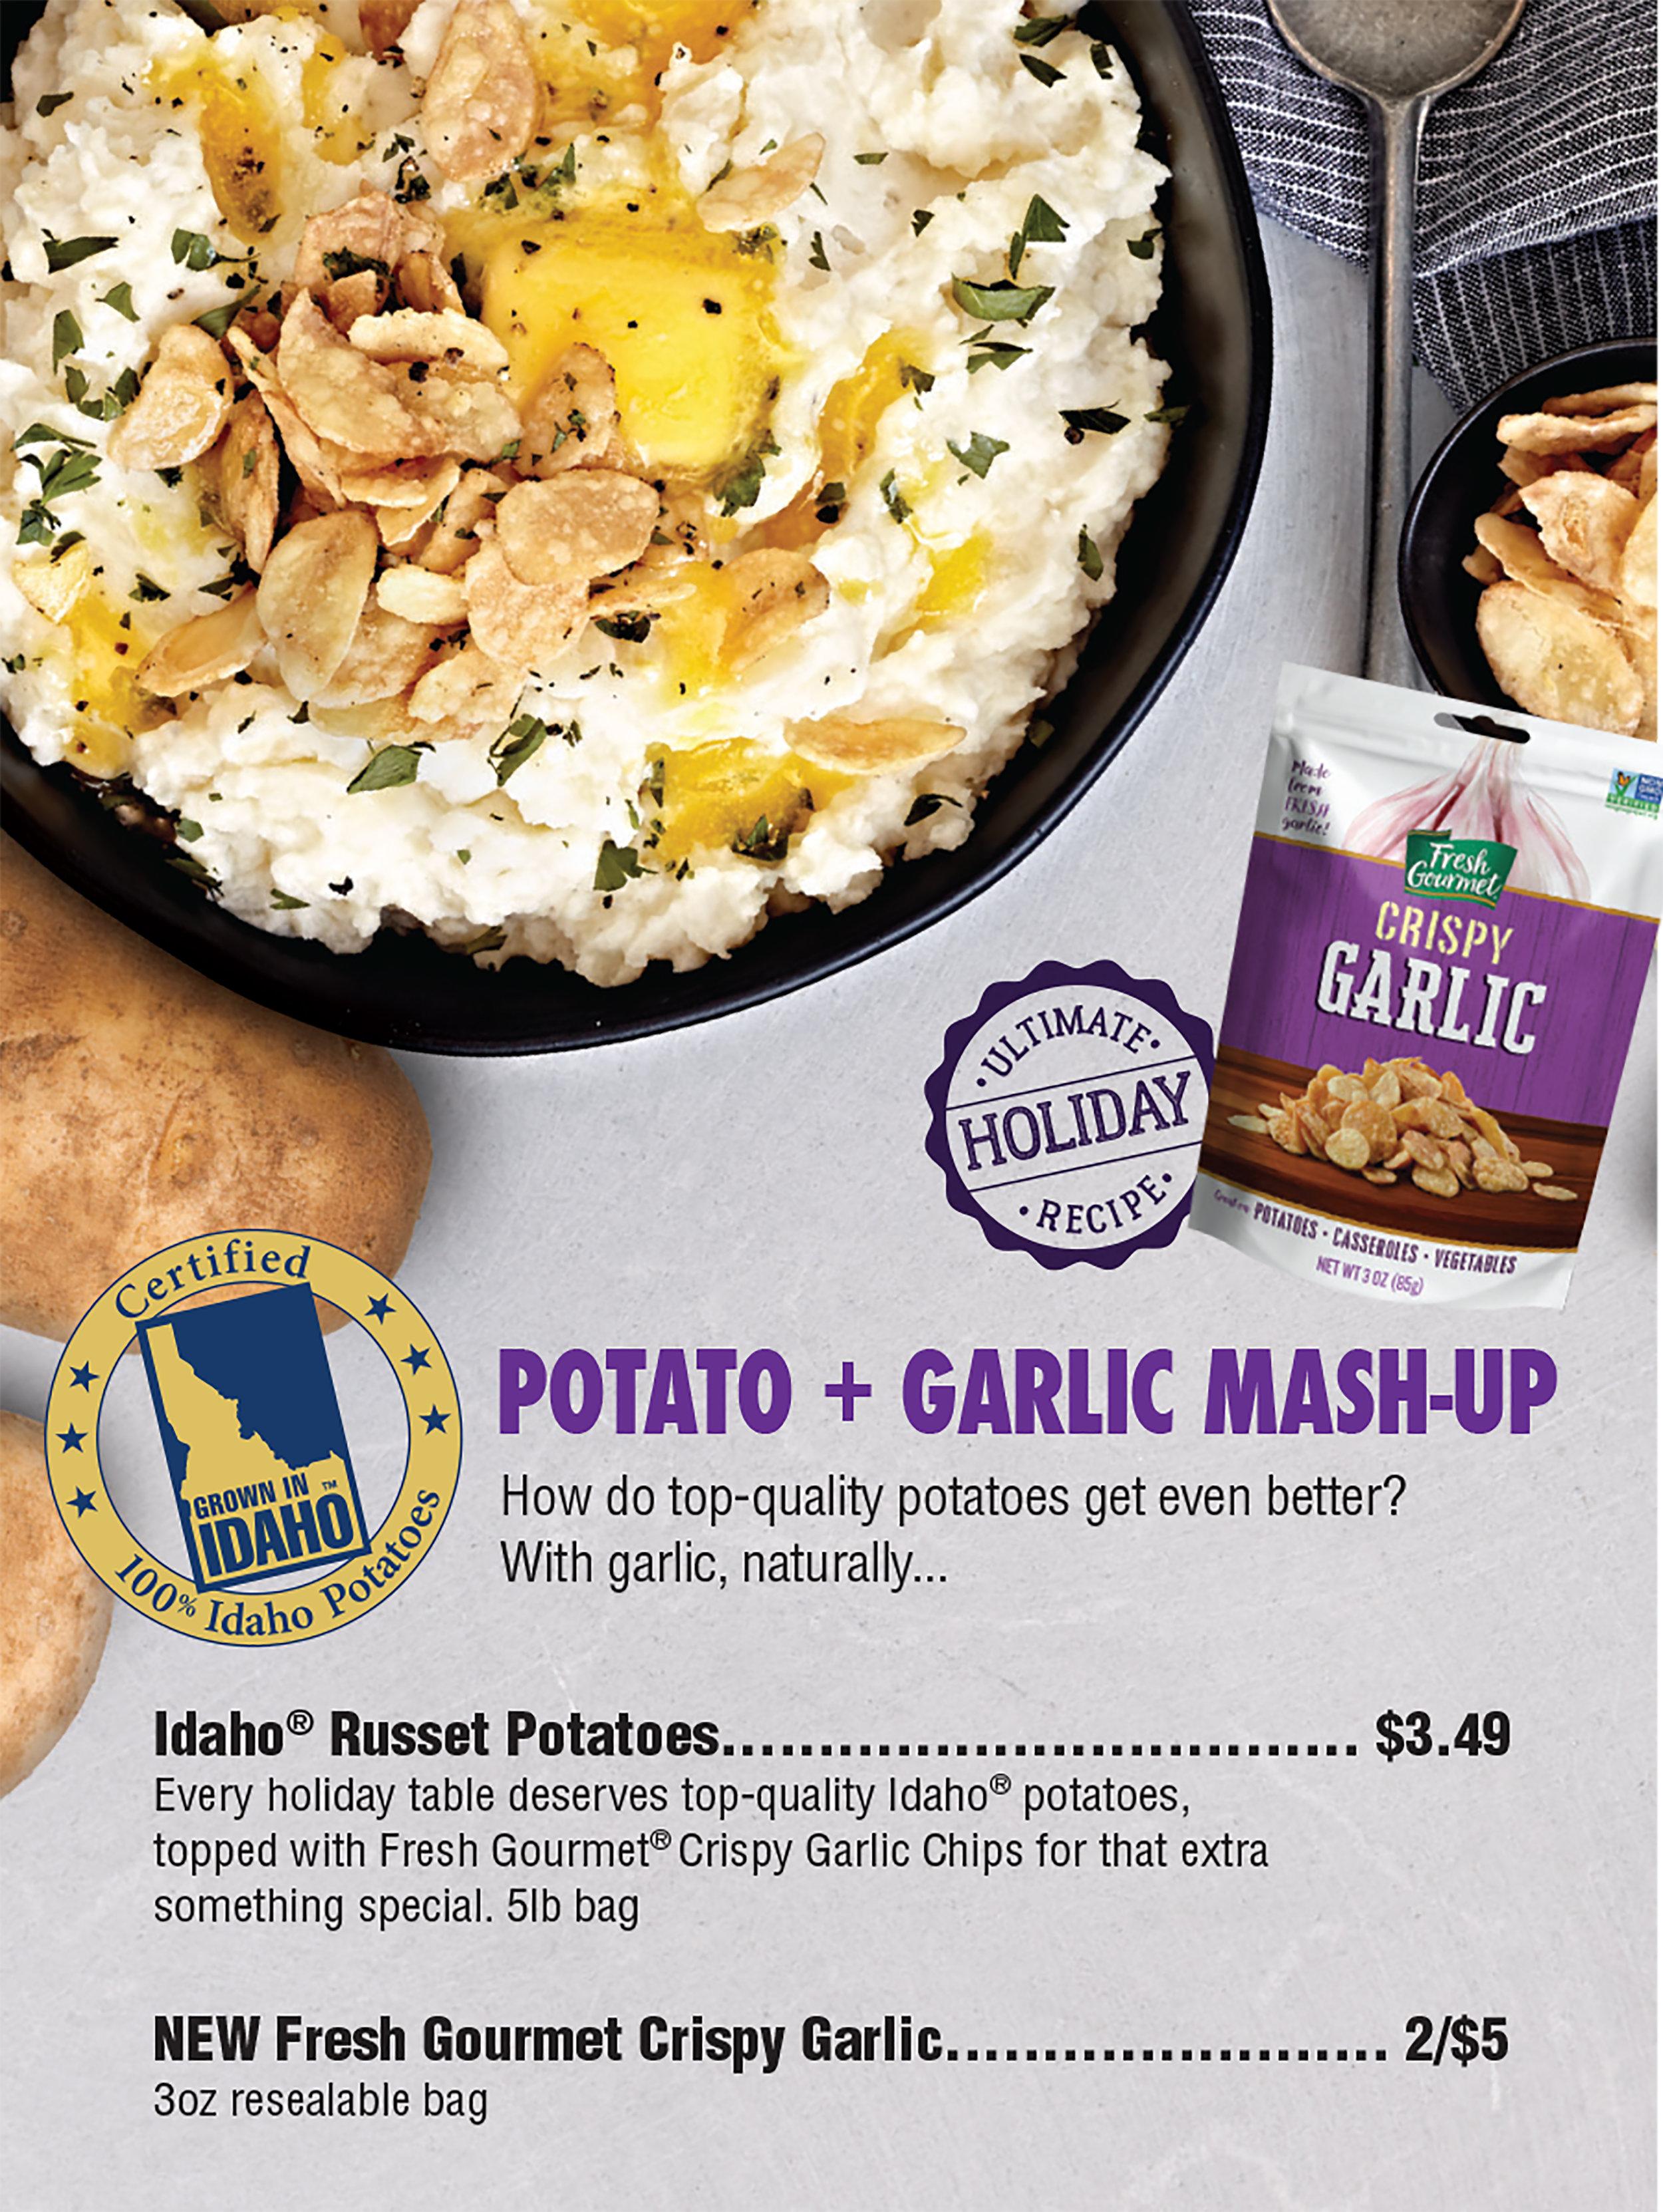 PRODUCE-NEWS-FG-Idaho-Potato-Ad-Slick-2018-HiRes.jpg